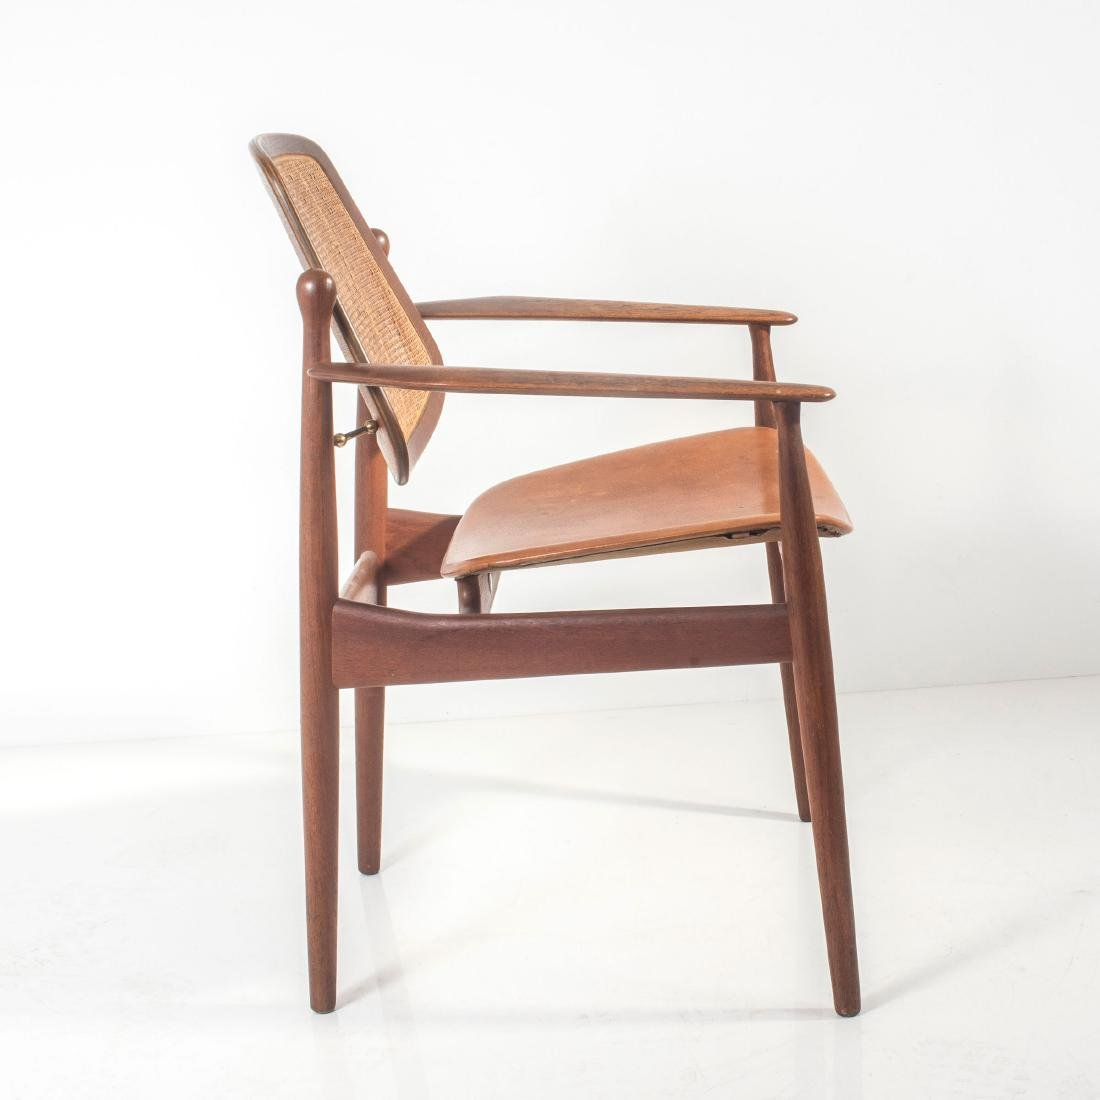 'FD 186' armchair, 1956 - 6